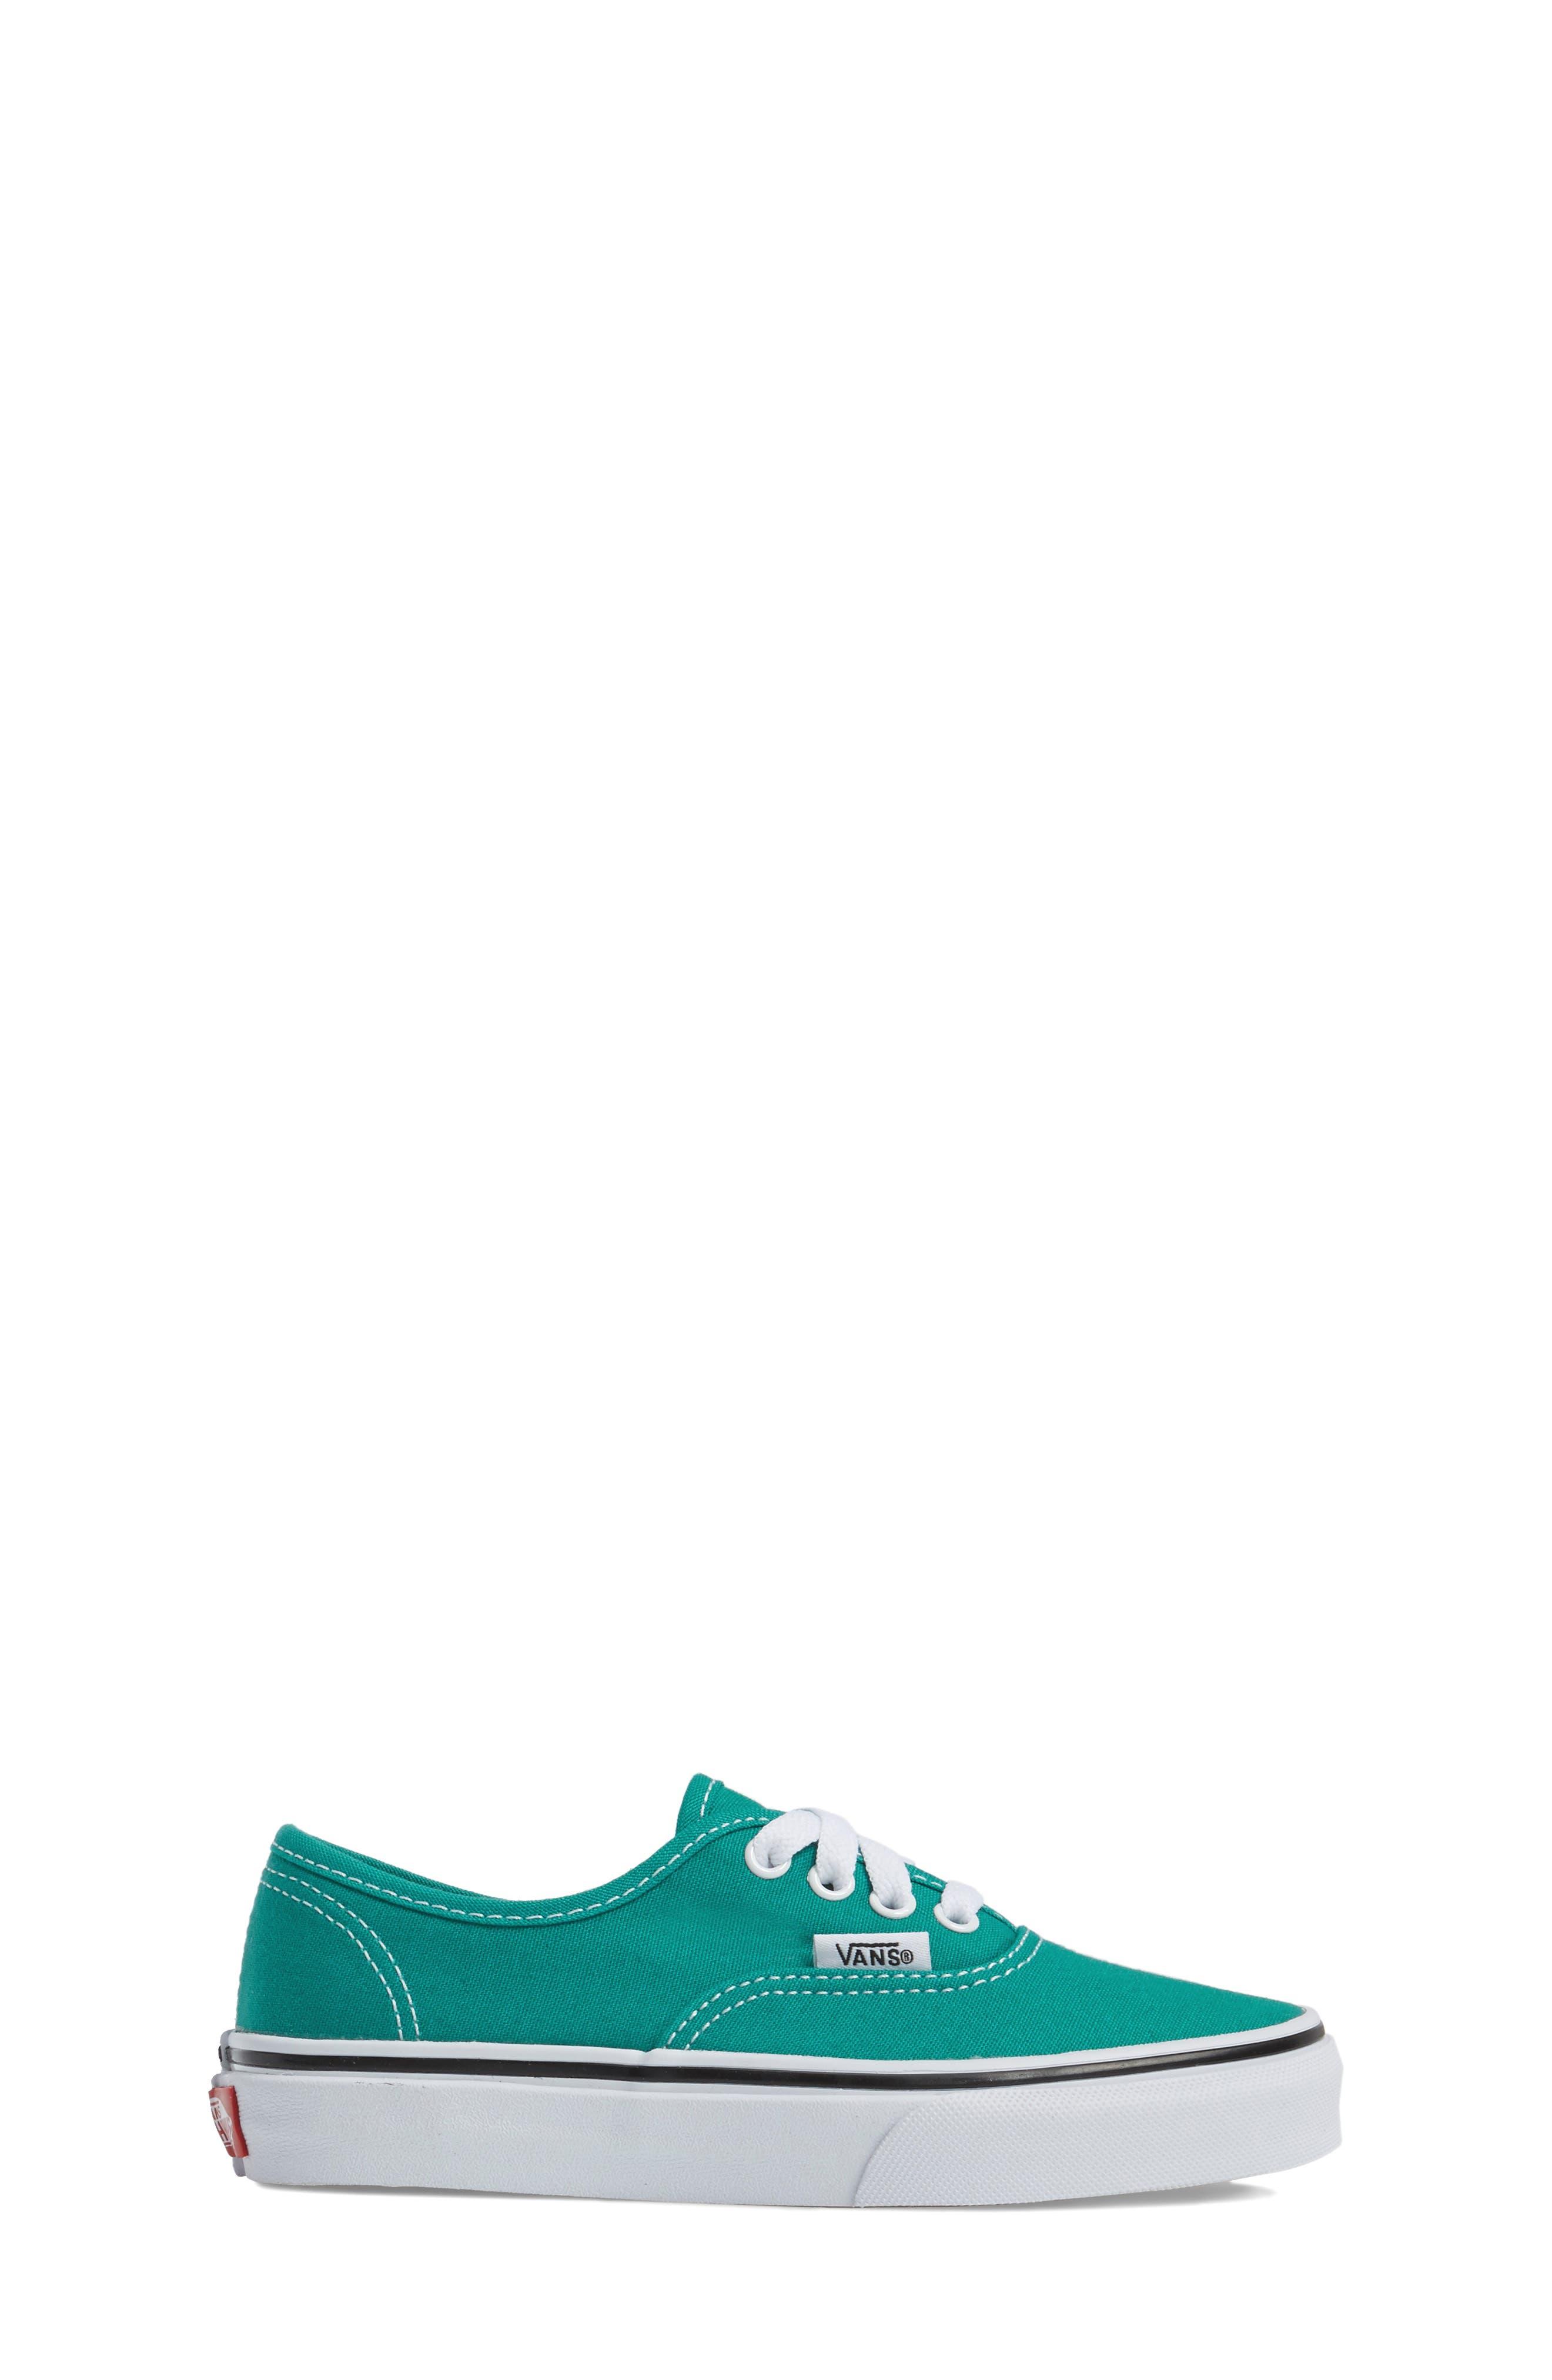 VANS,                             Authentic Sneaker,                             Alternate thumbnail 3, color,                             400